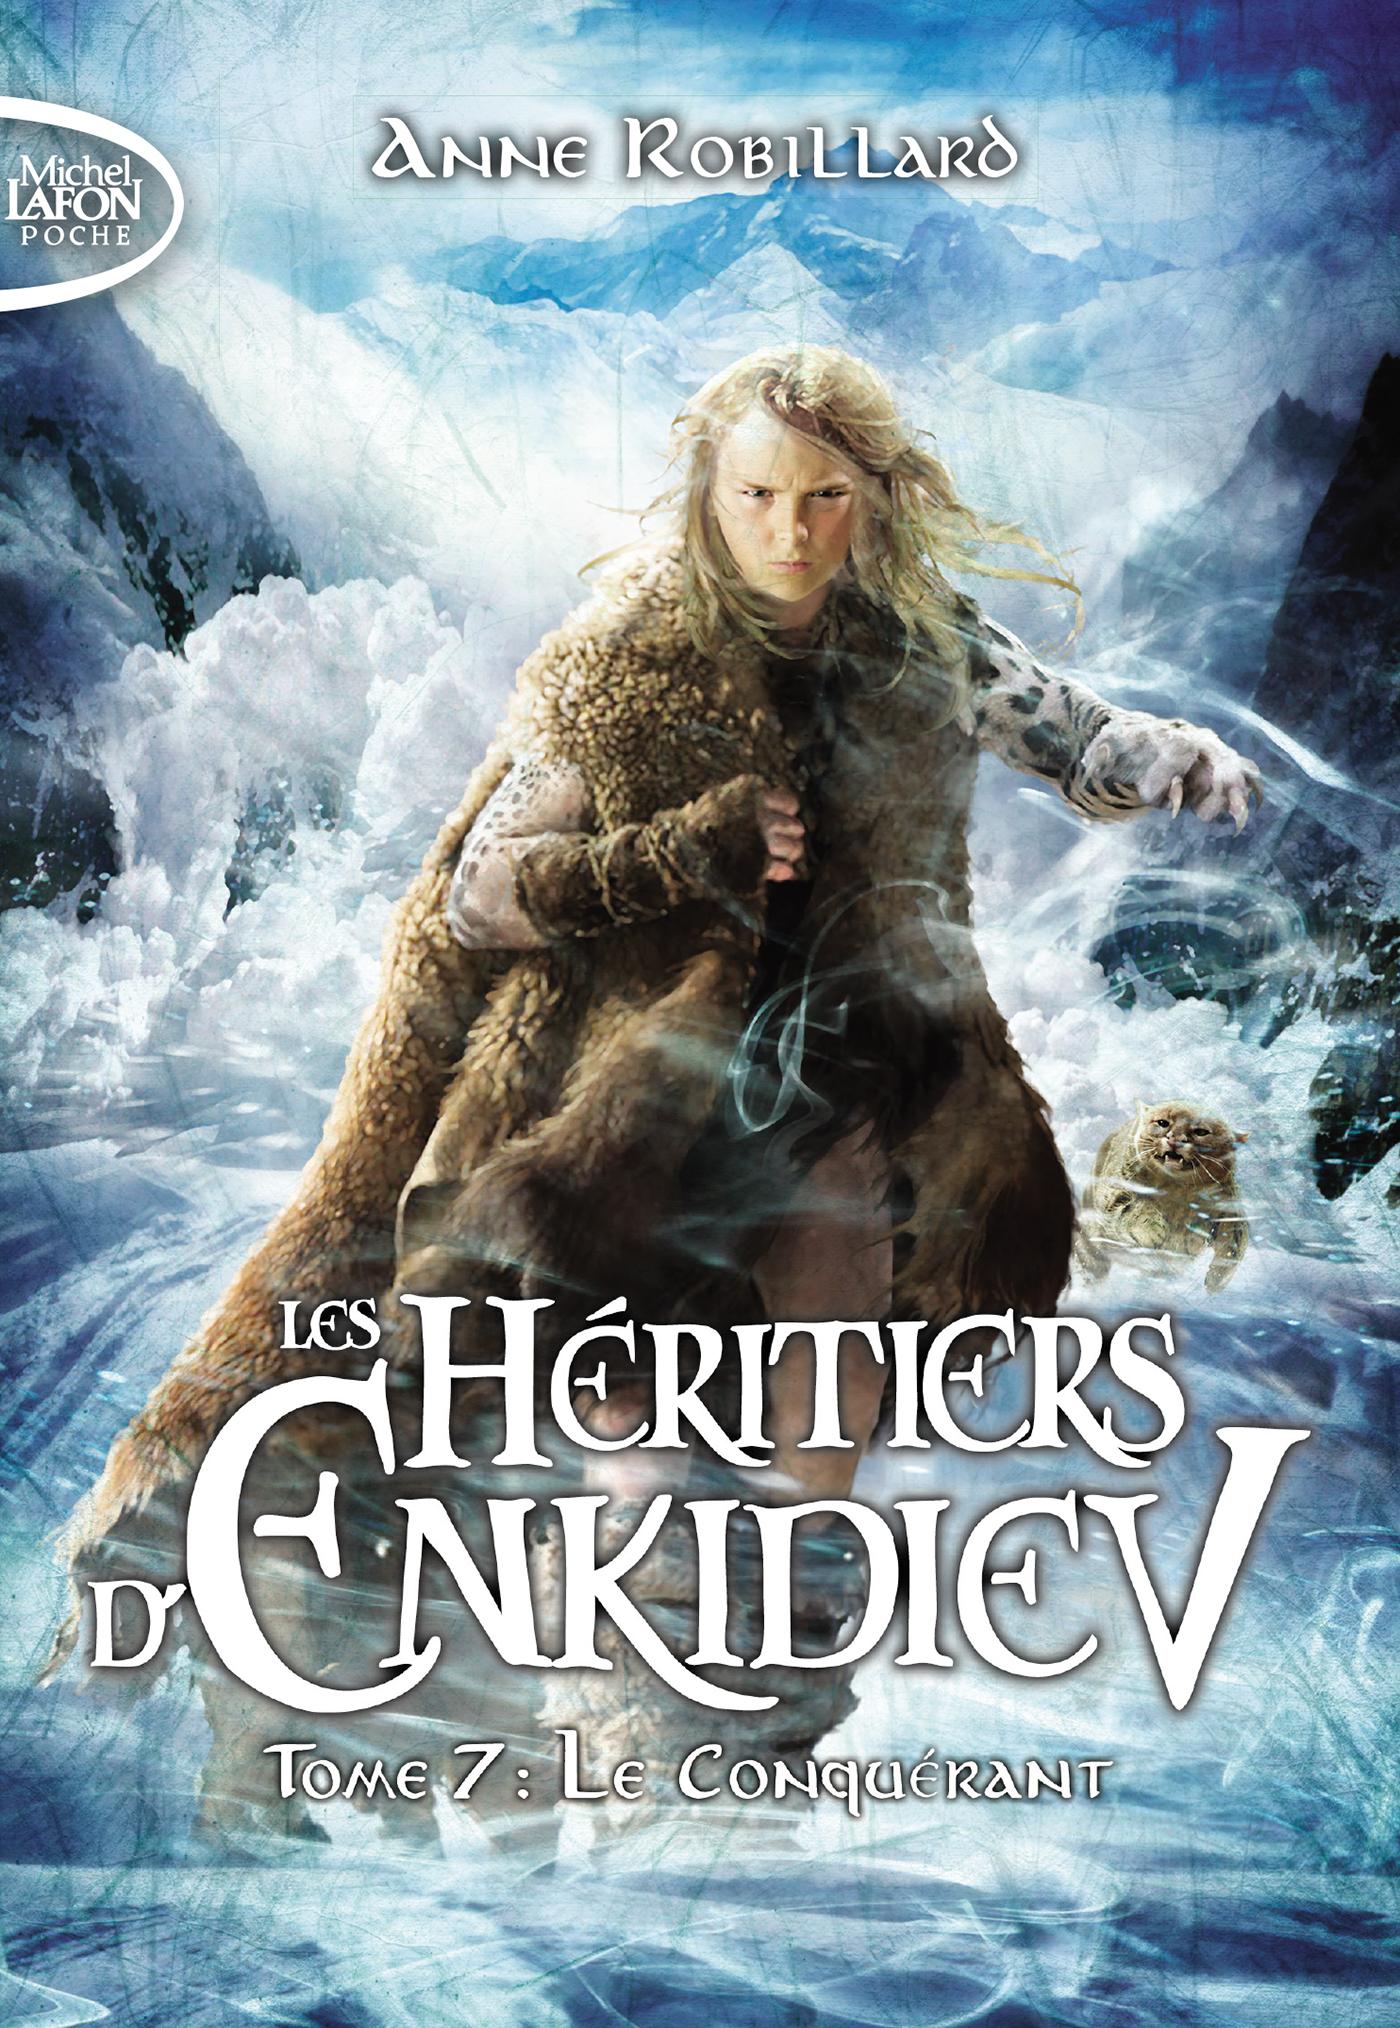 LES HÉRITIERS D'ENKIDIEV – Tome 7